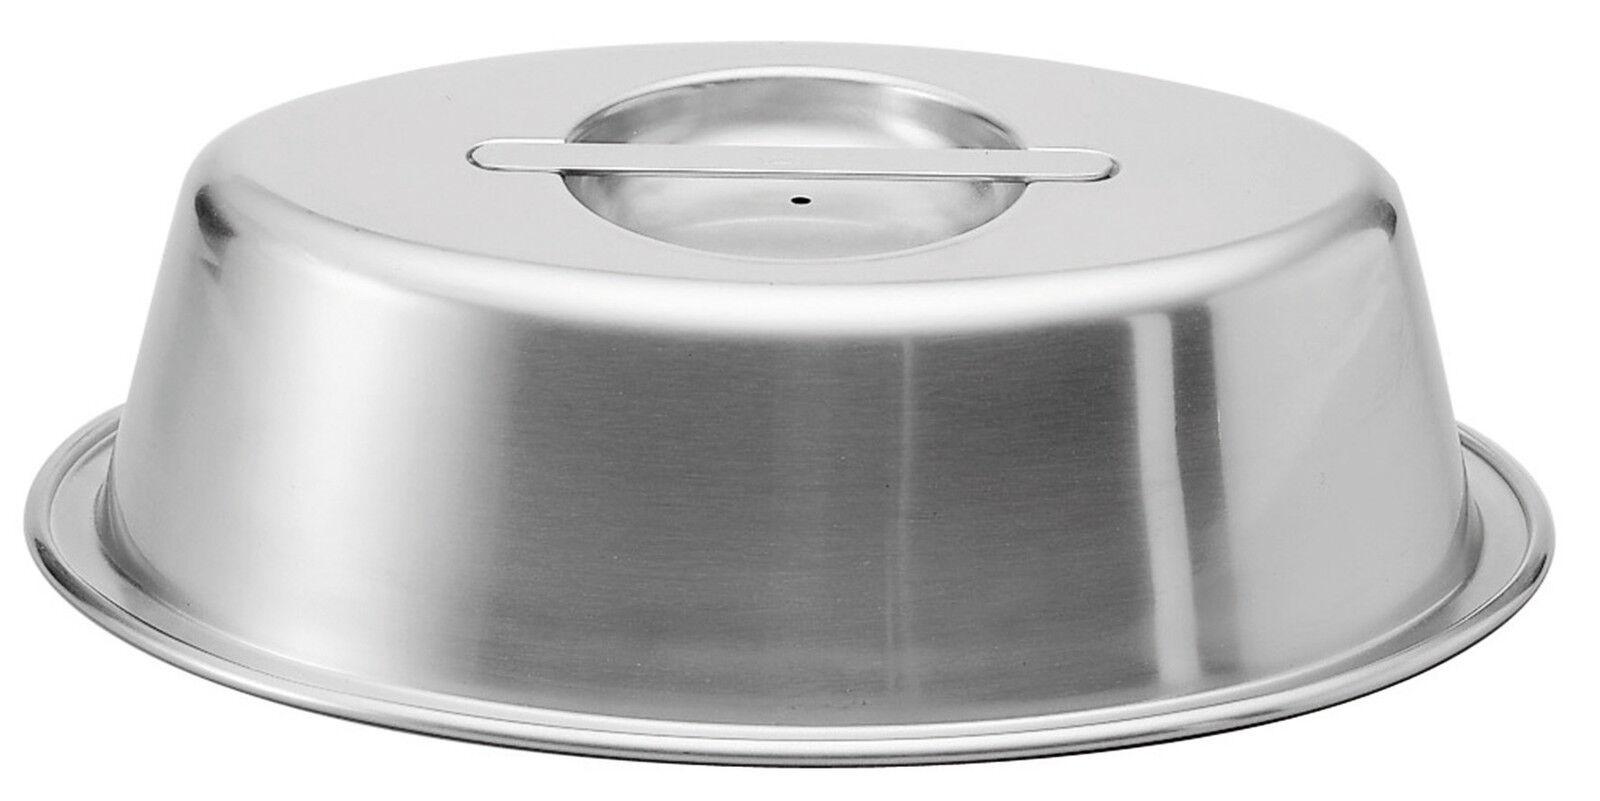 Piazza Effepi - Bell für Servierplatte Servierplatte Servierplatte erreichen oval Plate cover 6 Maße | Große Klassifizierung  e76af1